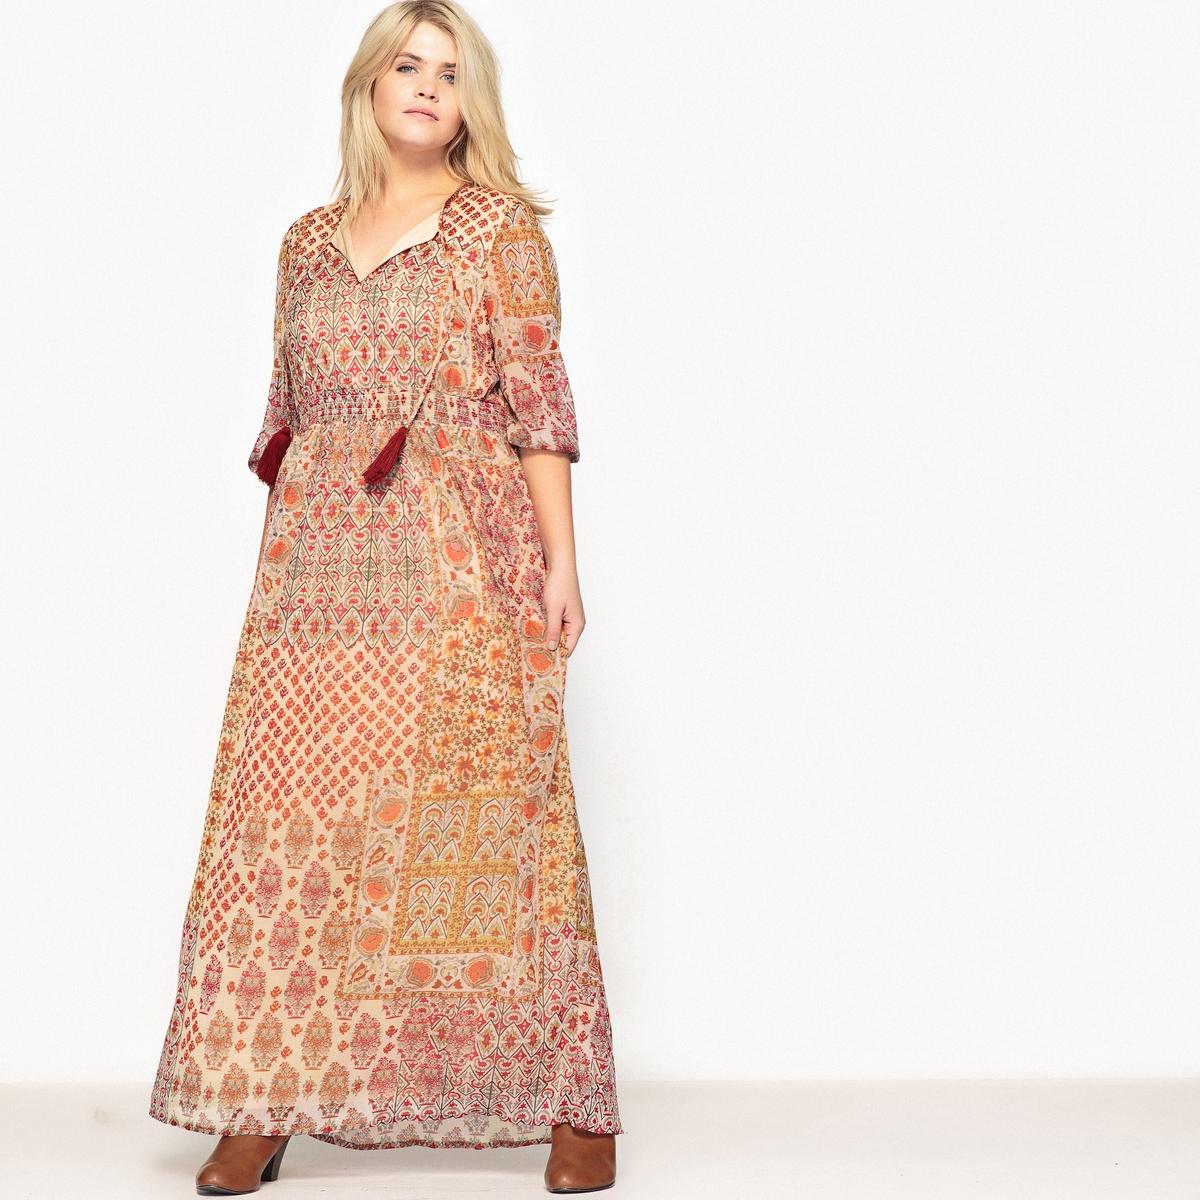 Платье длинное с рисунком и длинными рукавамиОписание:Вам понравится это длинное платье с рисунком в богемном стиле. На пике модных тенденций. Можно носить в любое время года.Детали •  Форма : МАКСИ •  Длина ниже колен •  Длинные рукава    •   V-образный вырез •  Рисунок-принтСостав и уход •  100% полиэстер •  Подкладка : 100% полиэстер •  Температура стирки при 30° на деликатном режиме   •  Сухая чистка и отбеливание запрещены •  Не использовать барабанную сушку   •  Низкая температура глажки   ВАЖНО: Товар без манжетТовар из коллекции больших размеров •  Длина : 140 см.<br><br>Цвет: рисунок пейсли<br>Размер: 56 (FR) - 62 (RUS).58 (FR) - 64 (RUS).54 (FR) - 60 (RUS).50 (FR) - 56 (RUS)